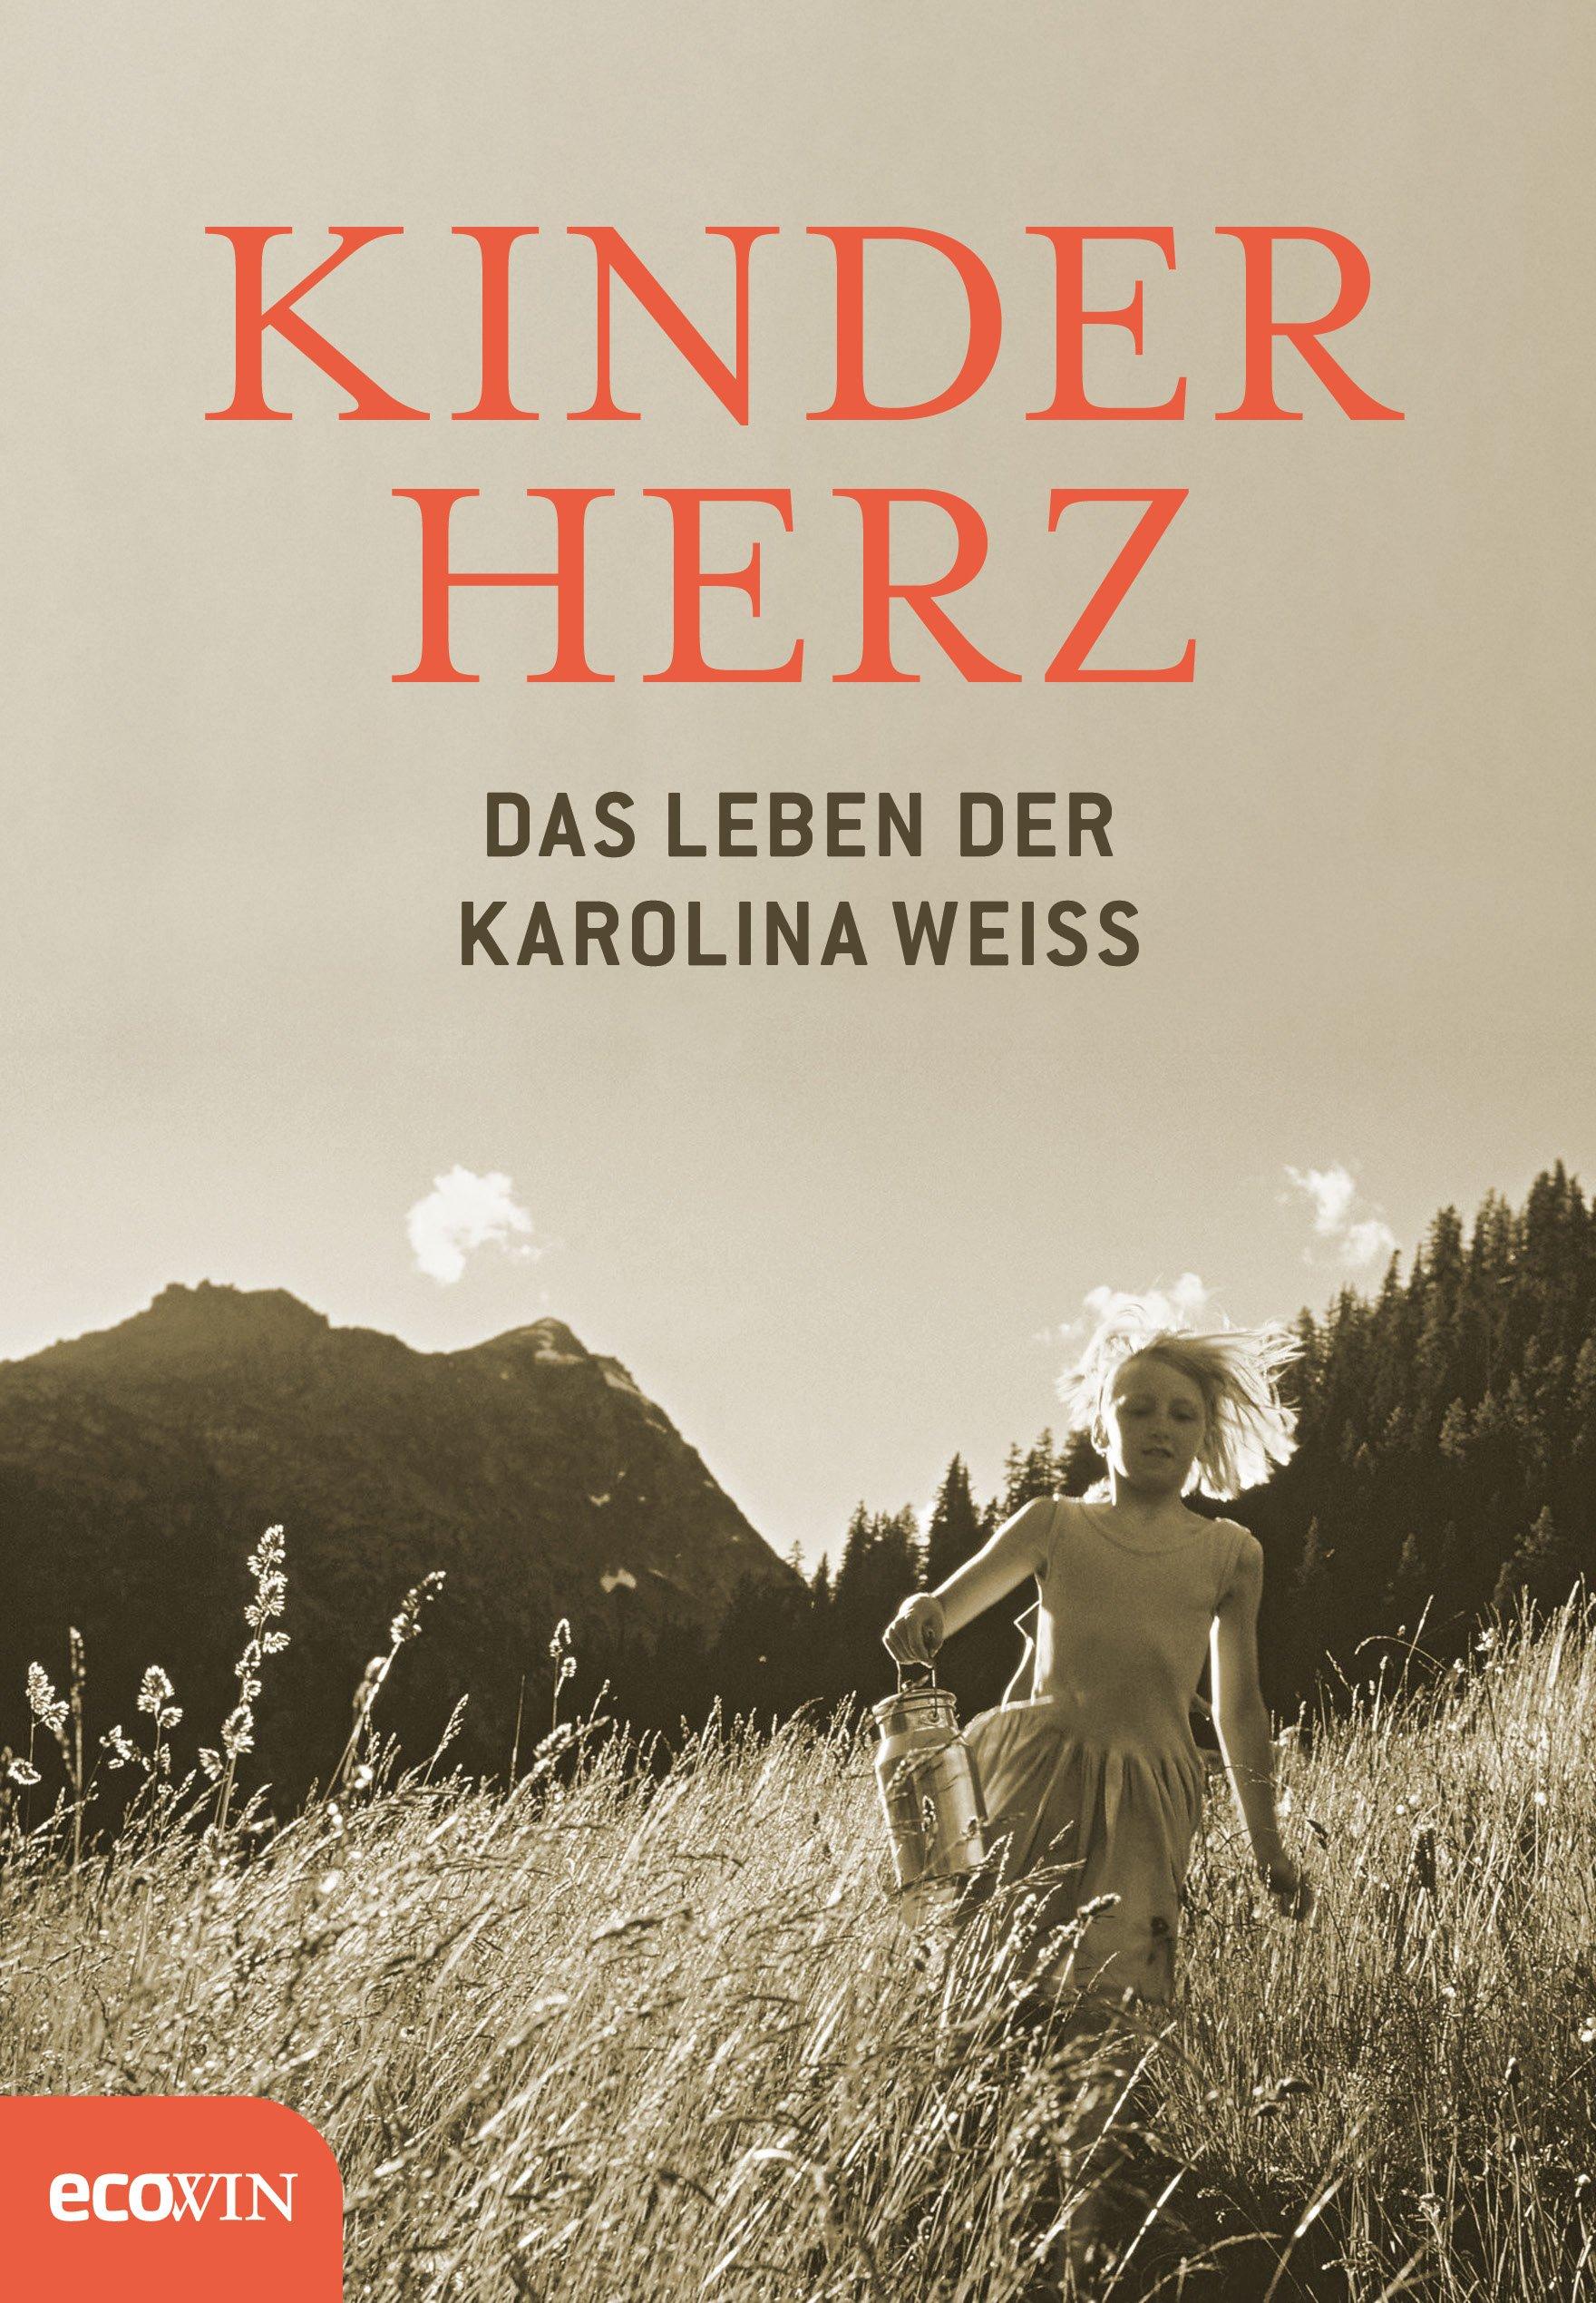 Kinderherz: Das Leben der Karolina Weiss